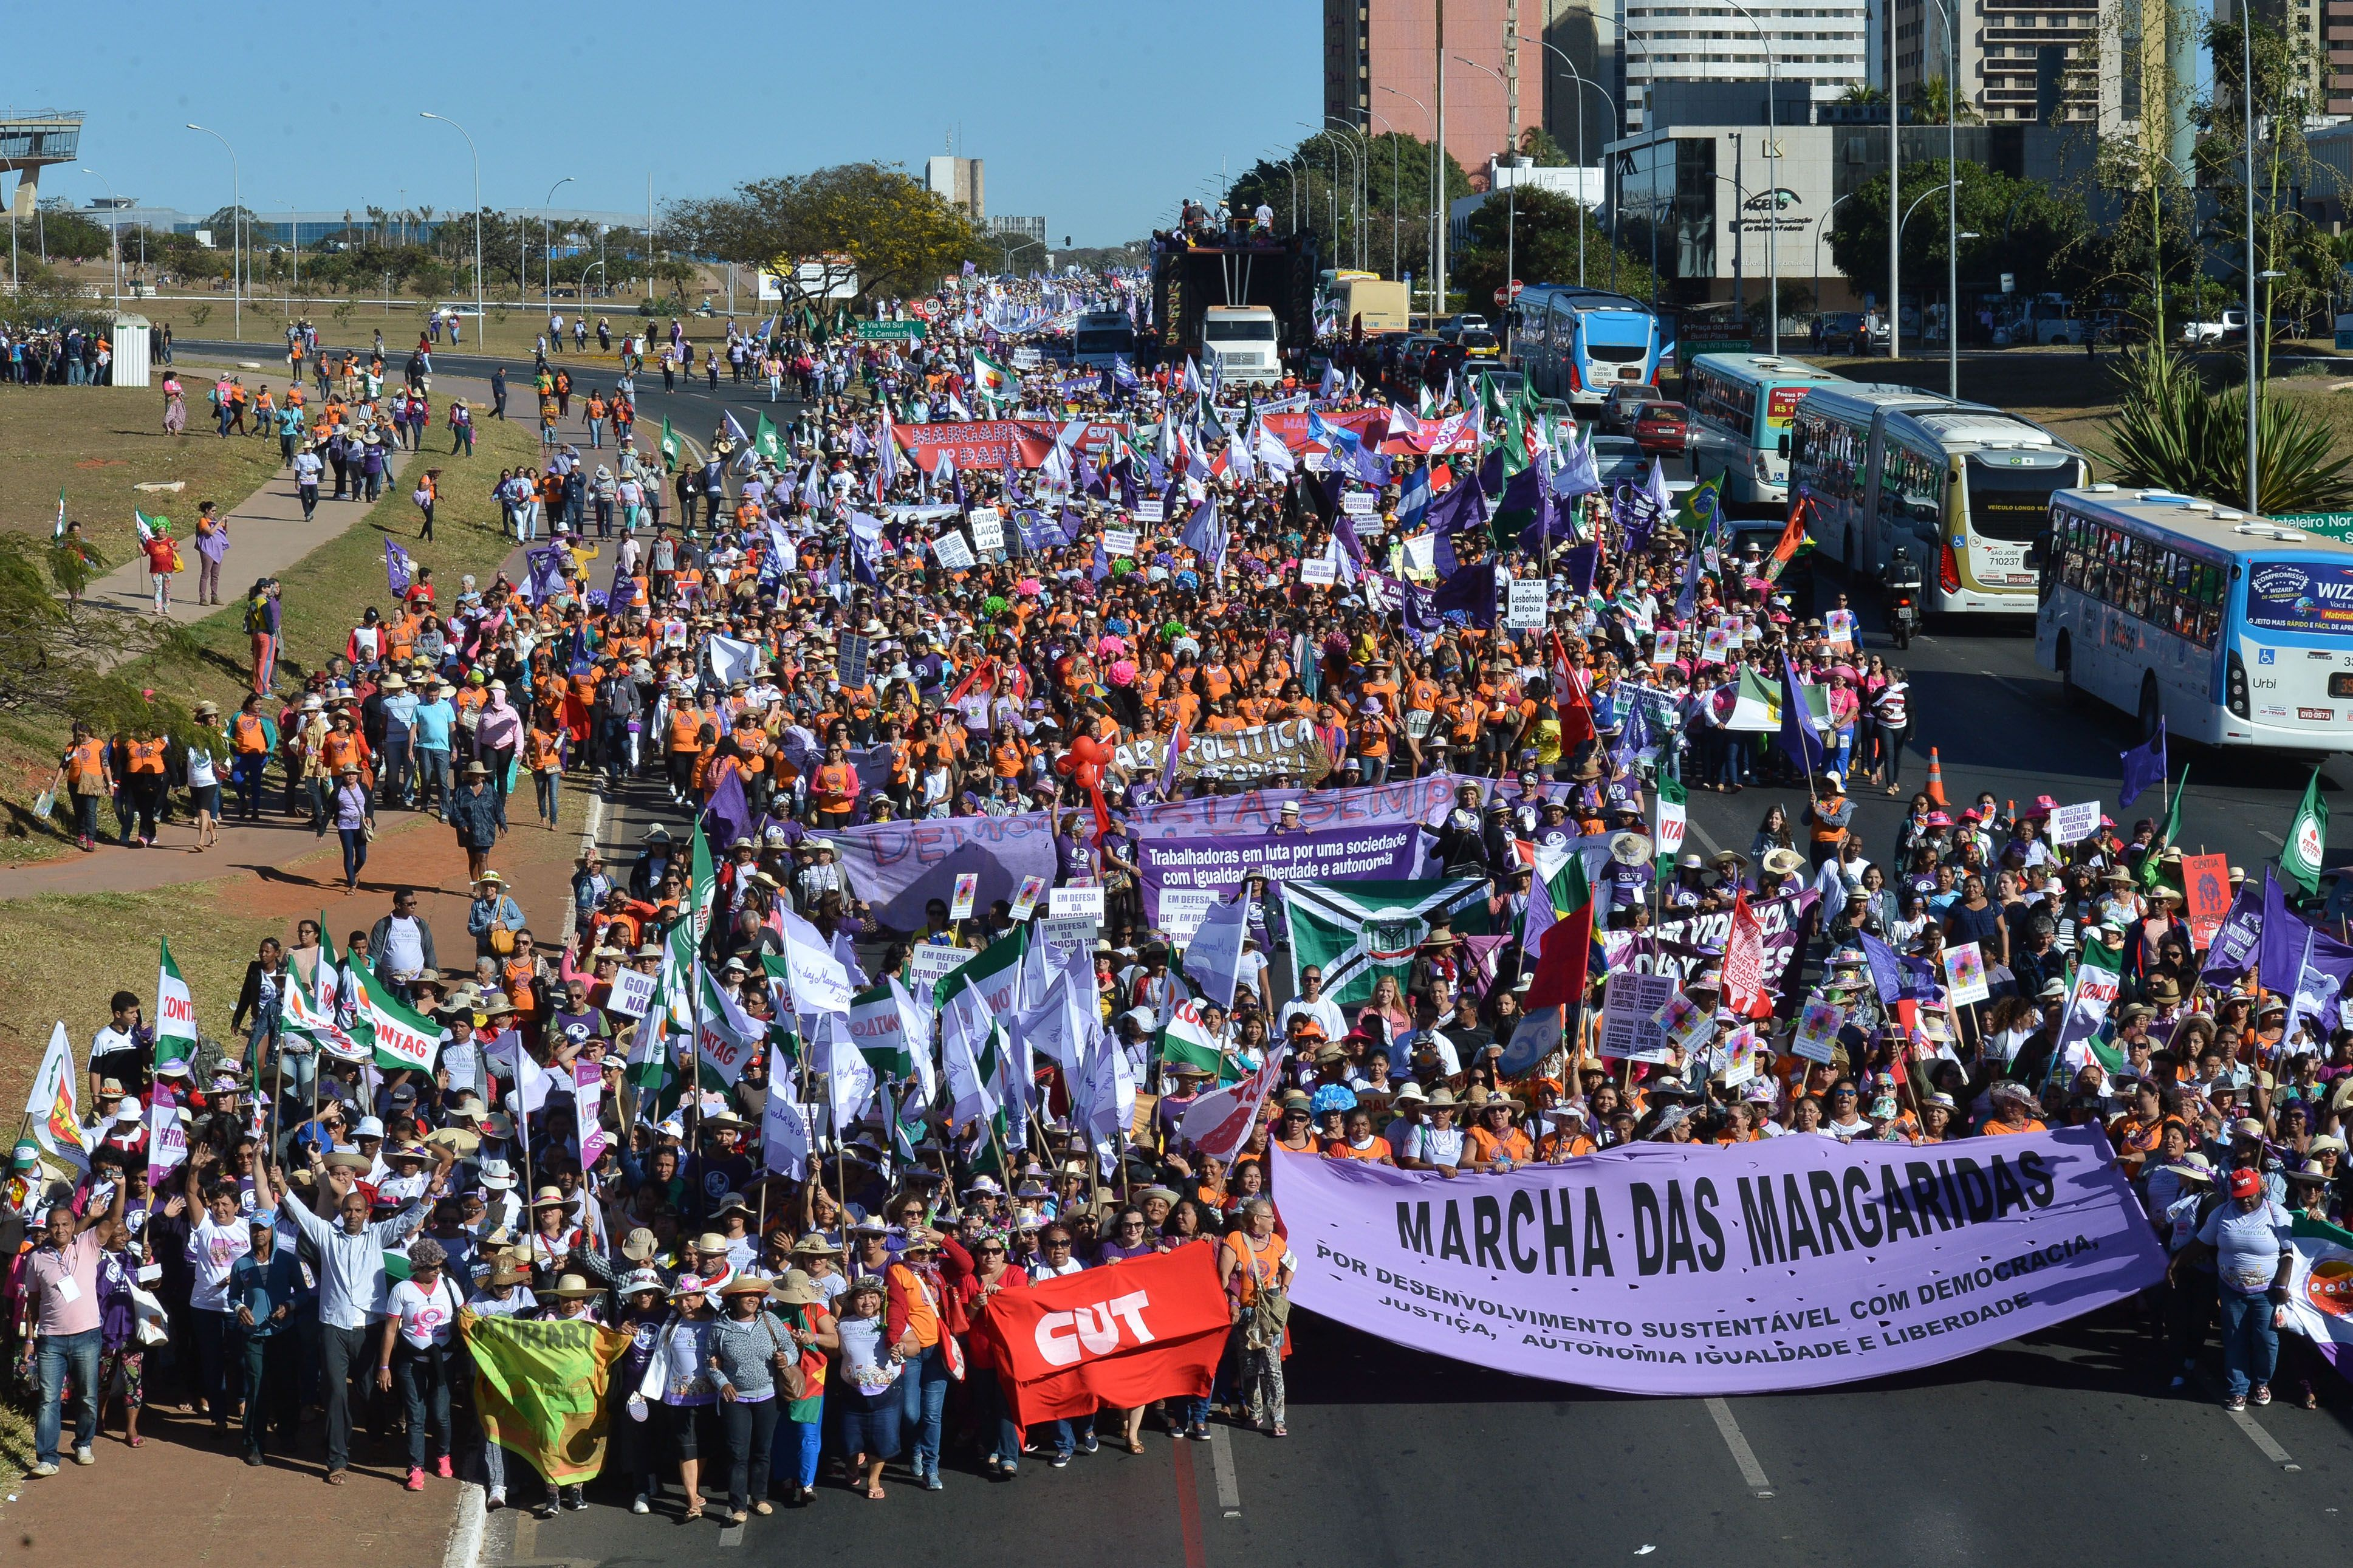 Marcha das Margaridas de agosto de 2015. (José Cruz/Agência Brasil)